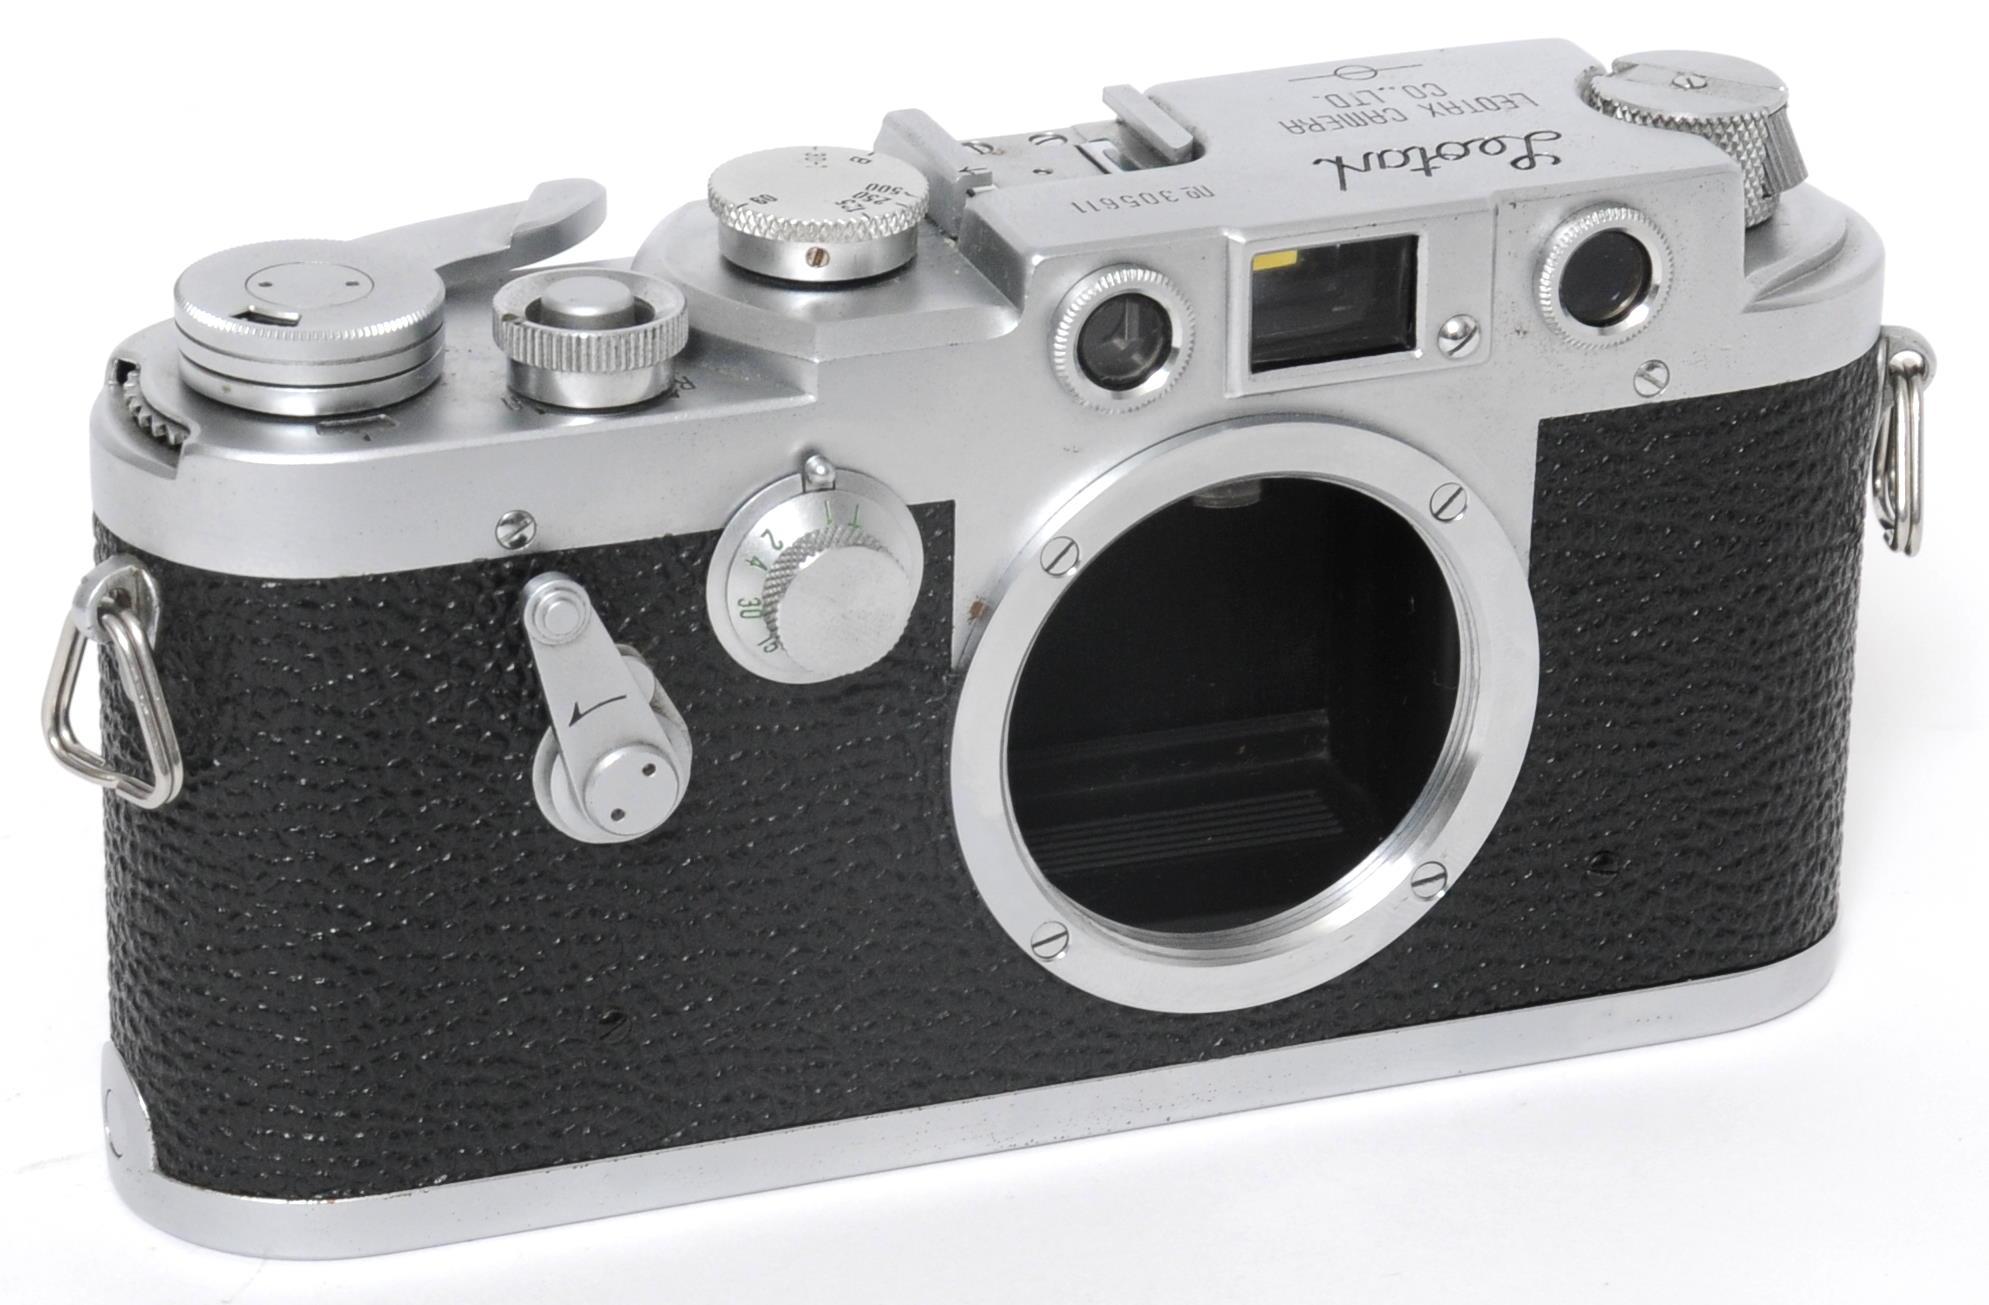 Showa Kogaku Leotax TV2 Merit chrome camera body Very Rare! - <span itemprop='availableAtOrFrom'>Zell am See, Österreich</span> - Rücknahmen akzeptiert - Zell am See, Österreich